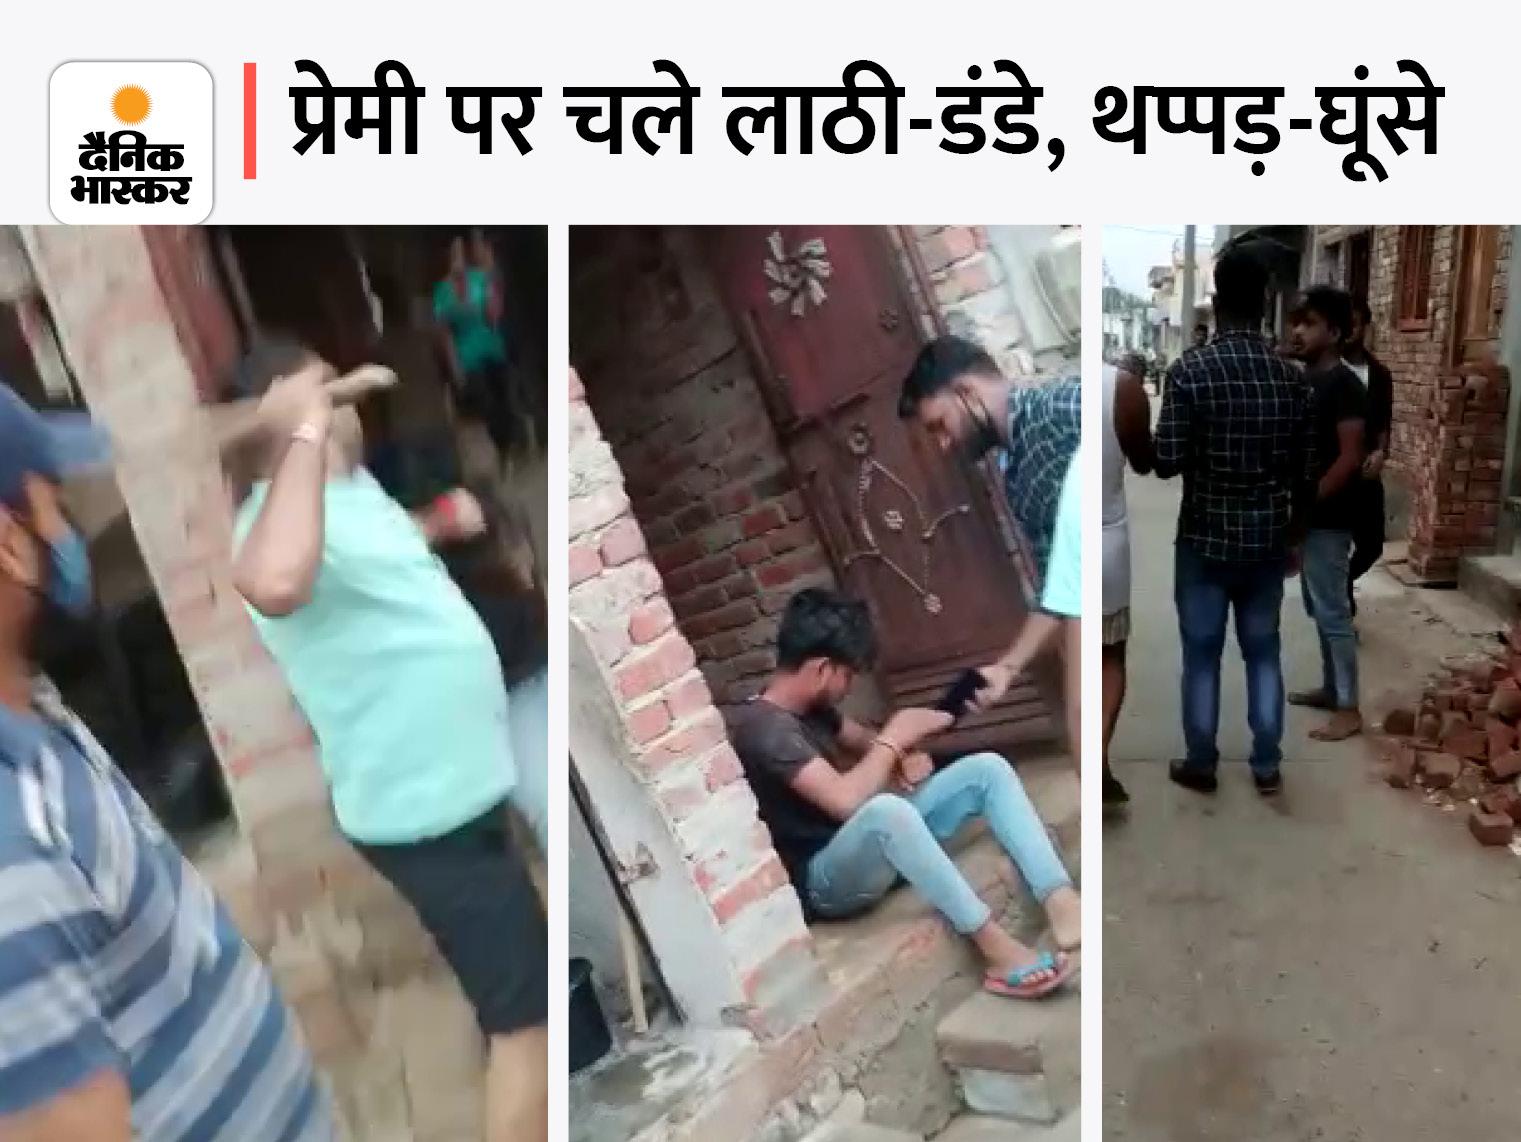 कोचिंग जाते समय छात्र के अपहरण की कोशिश, विरोध करने पर दबंगों ने लाठी-डंडों से पीटा; 5 गिरफ्तार|हापुड़,Hapud - Dainik Bhaskar